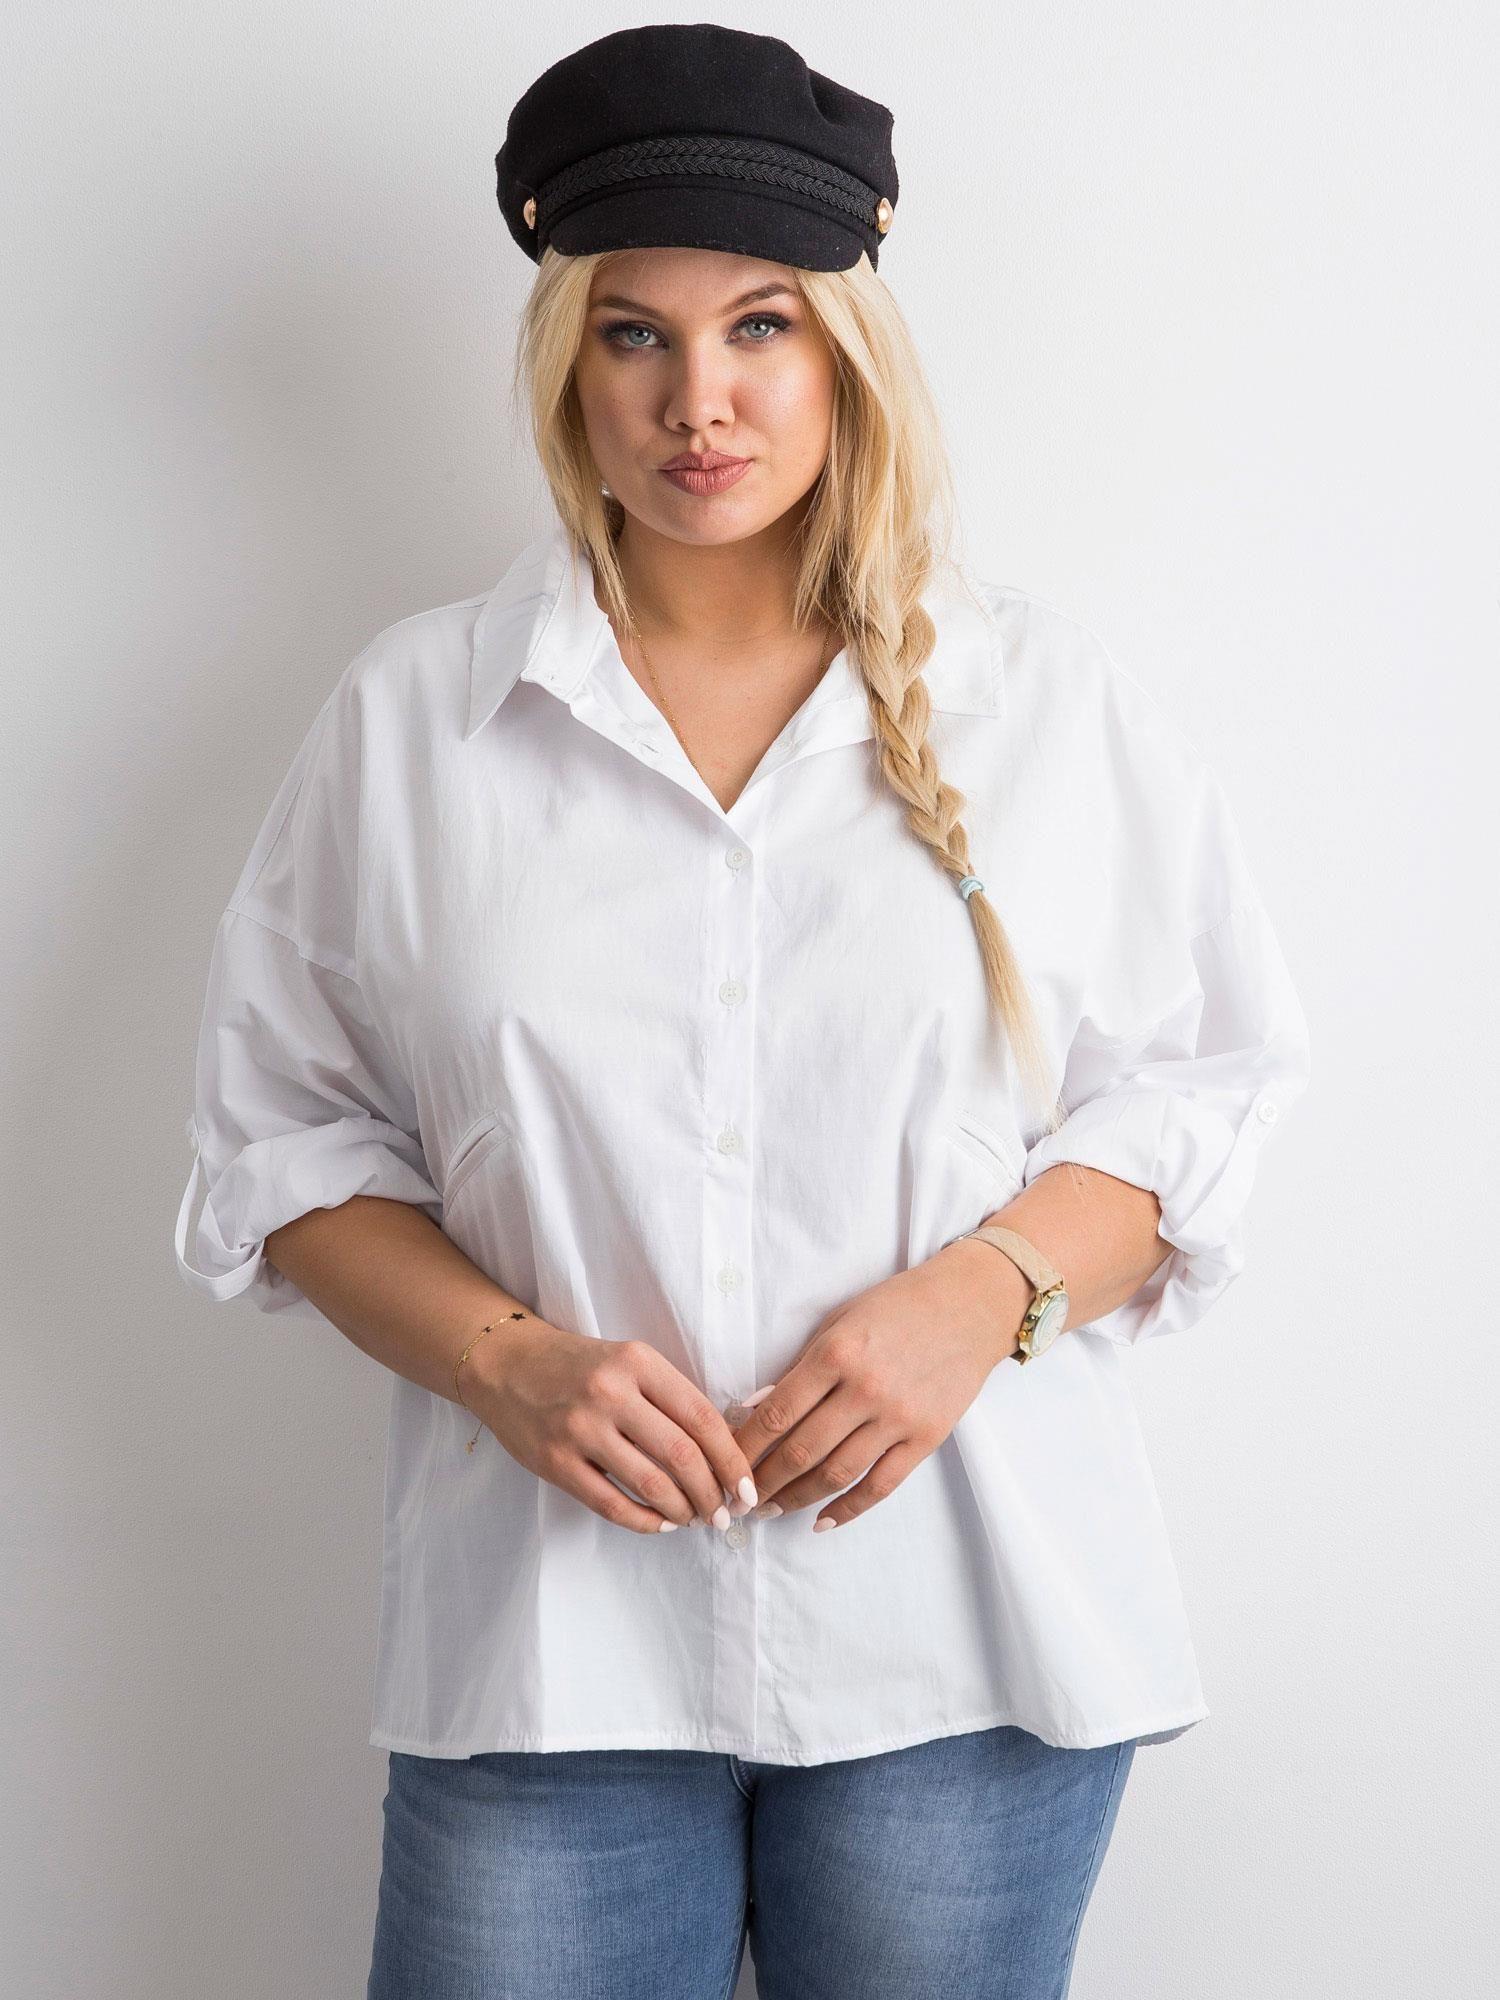 57190358a90c7 Biała koszula z haftem PLUS SIZE - Koszula plus size - sklep eButik.pl